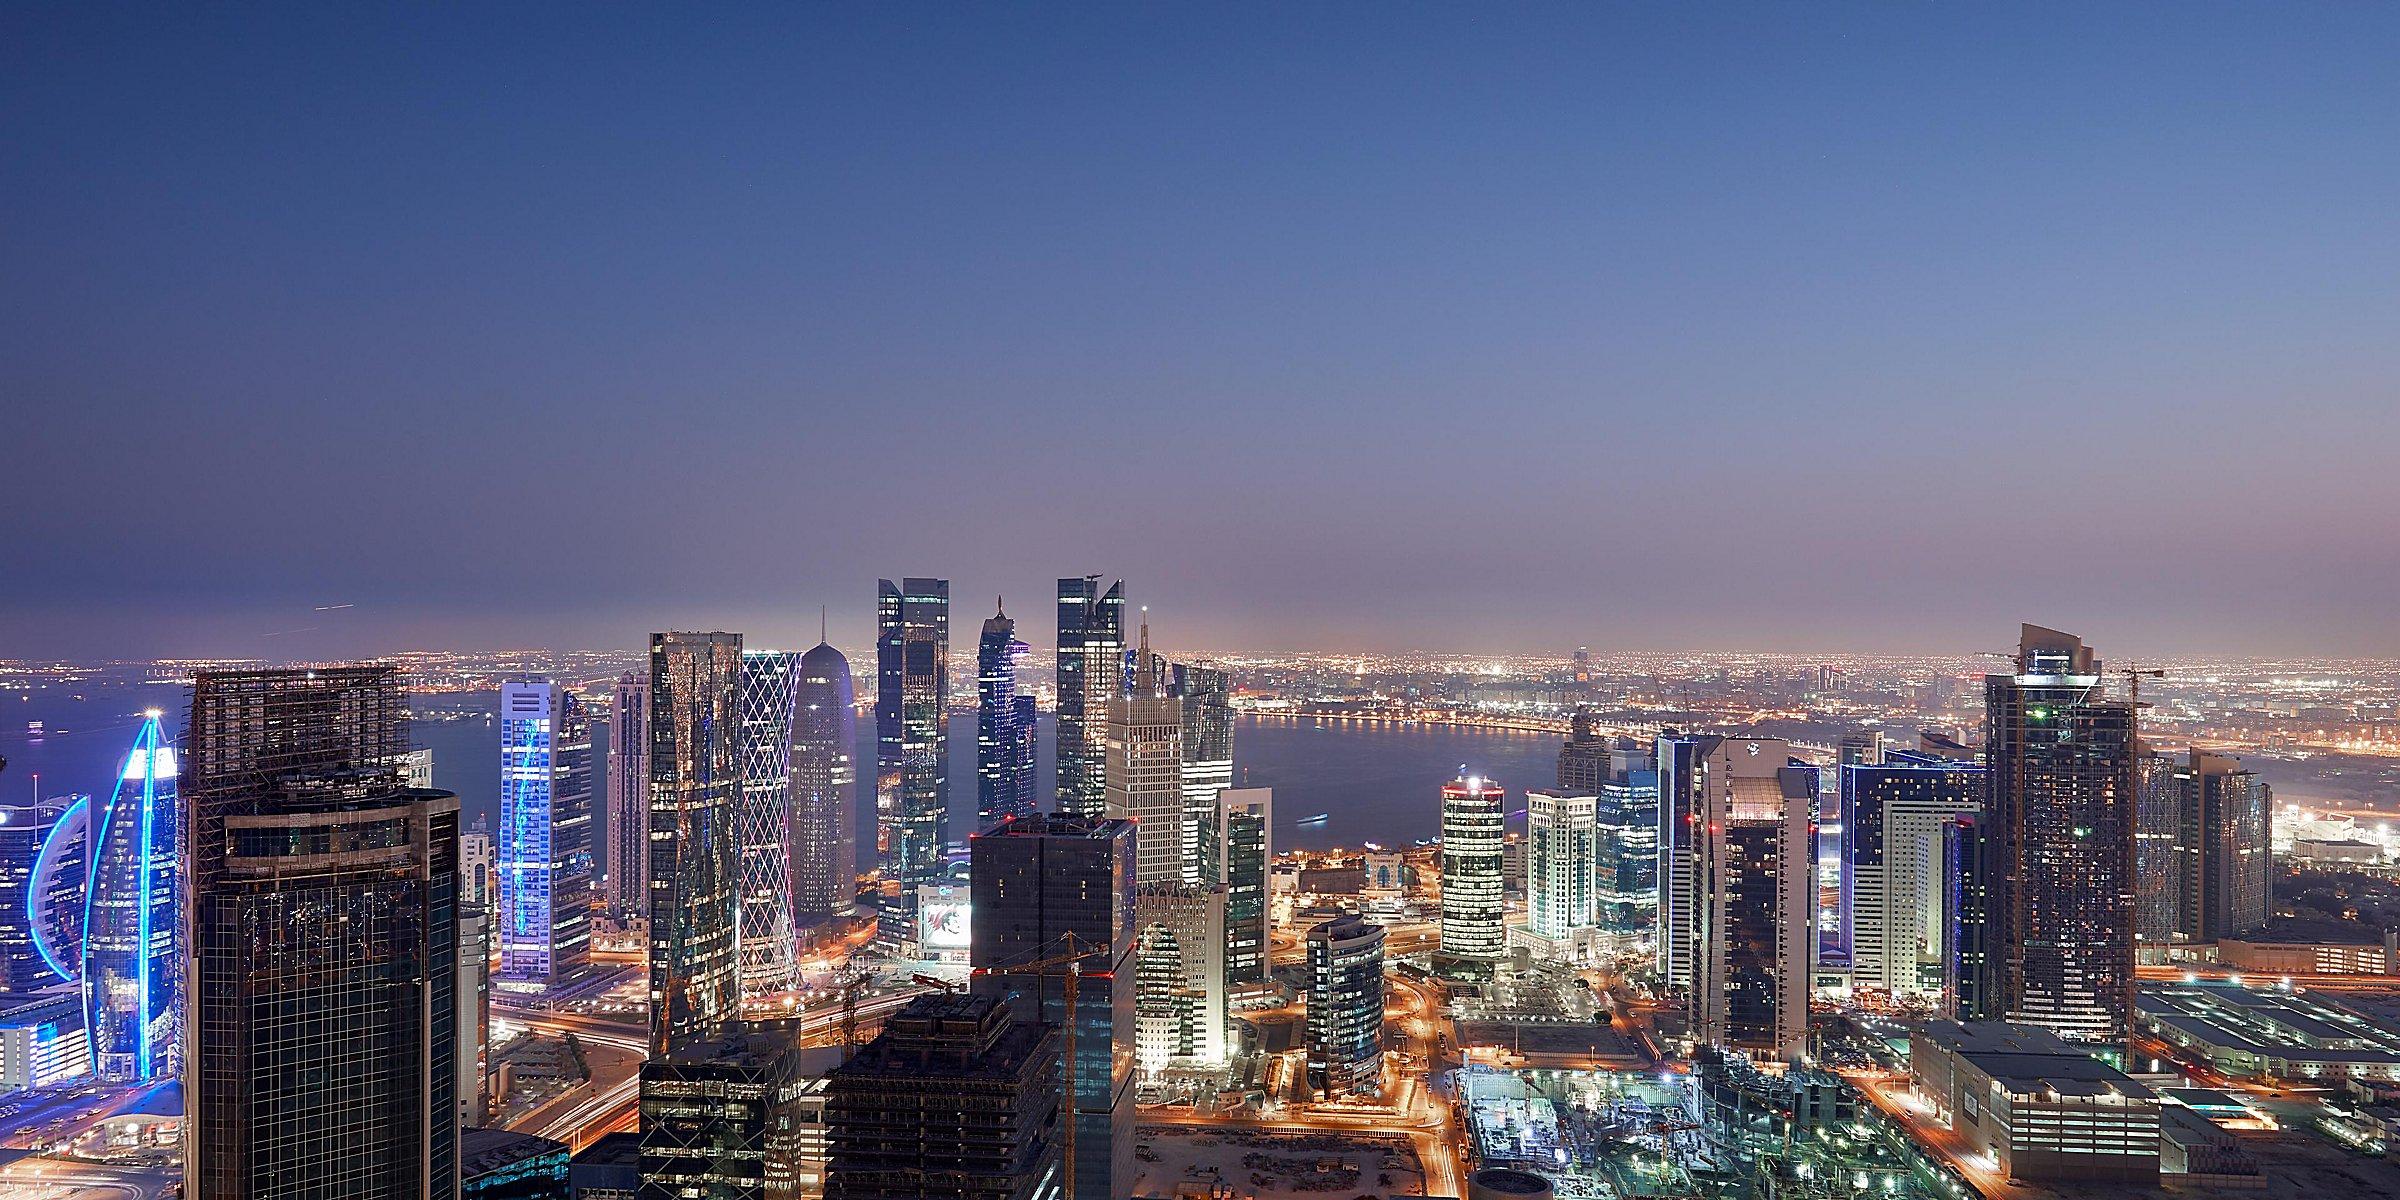 InterContinental Doha - The City - Doha